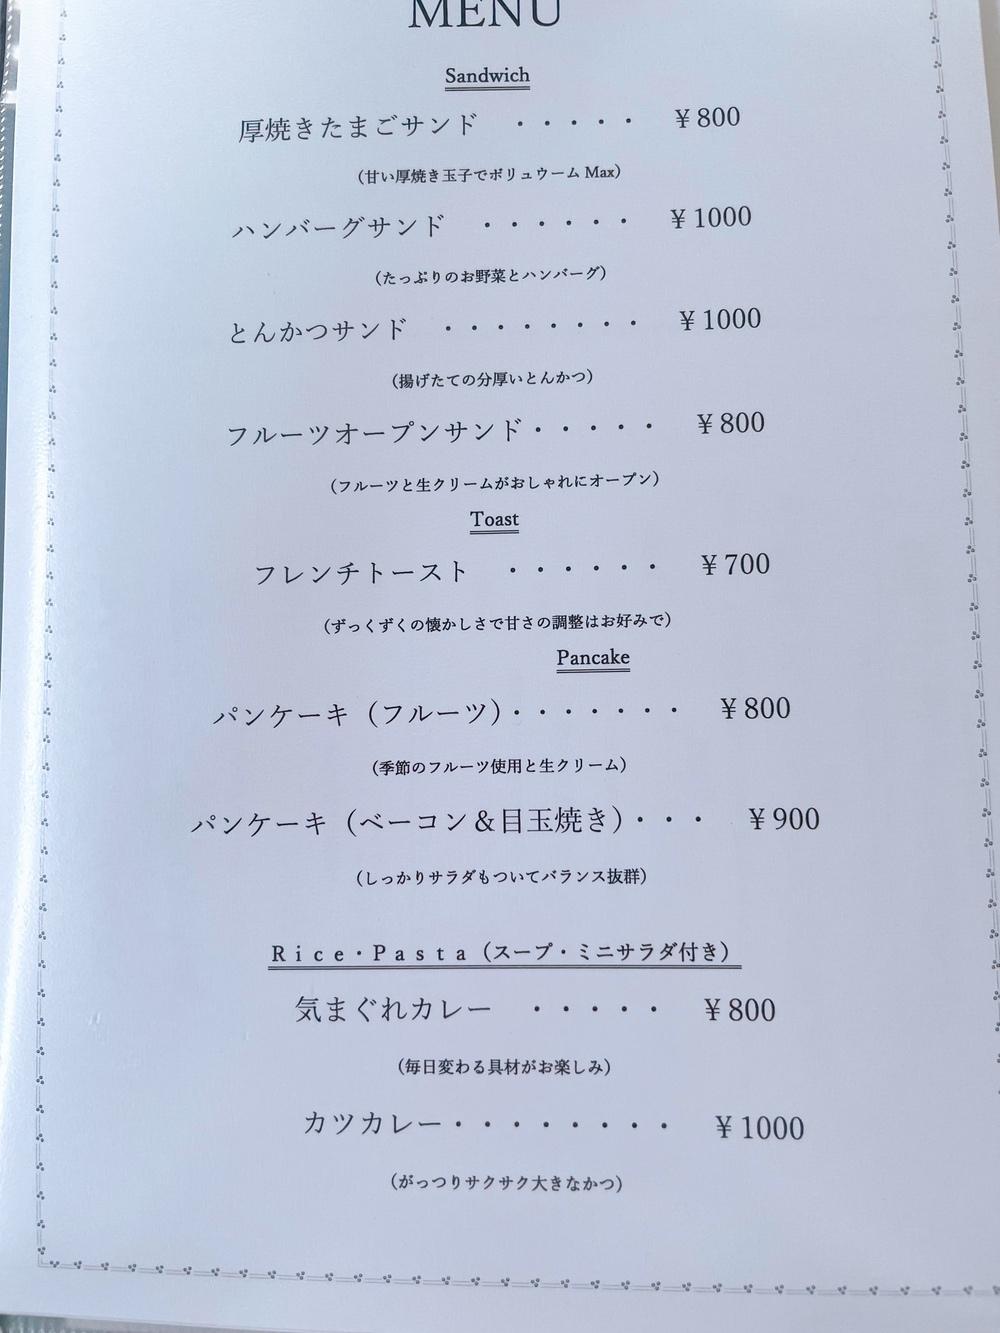 cafe1123 グランドメニュー